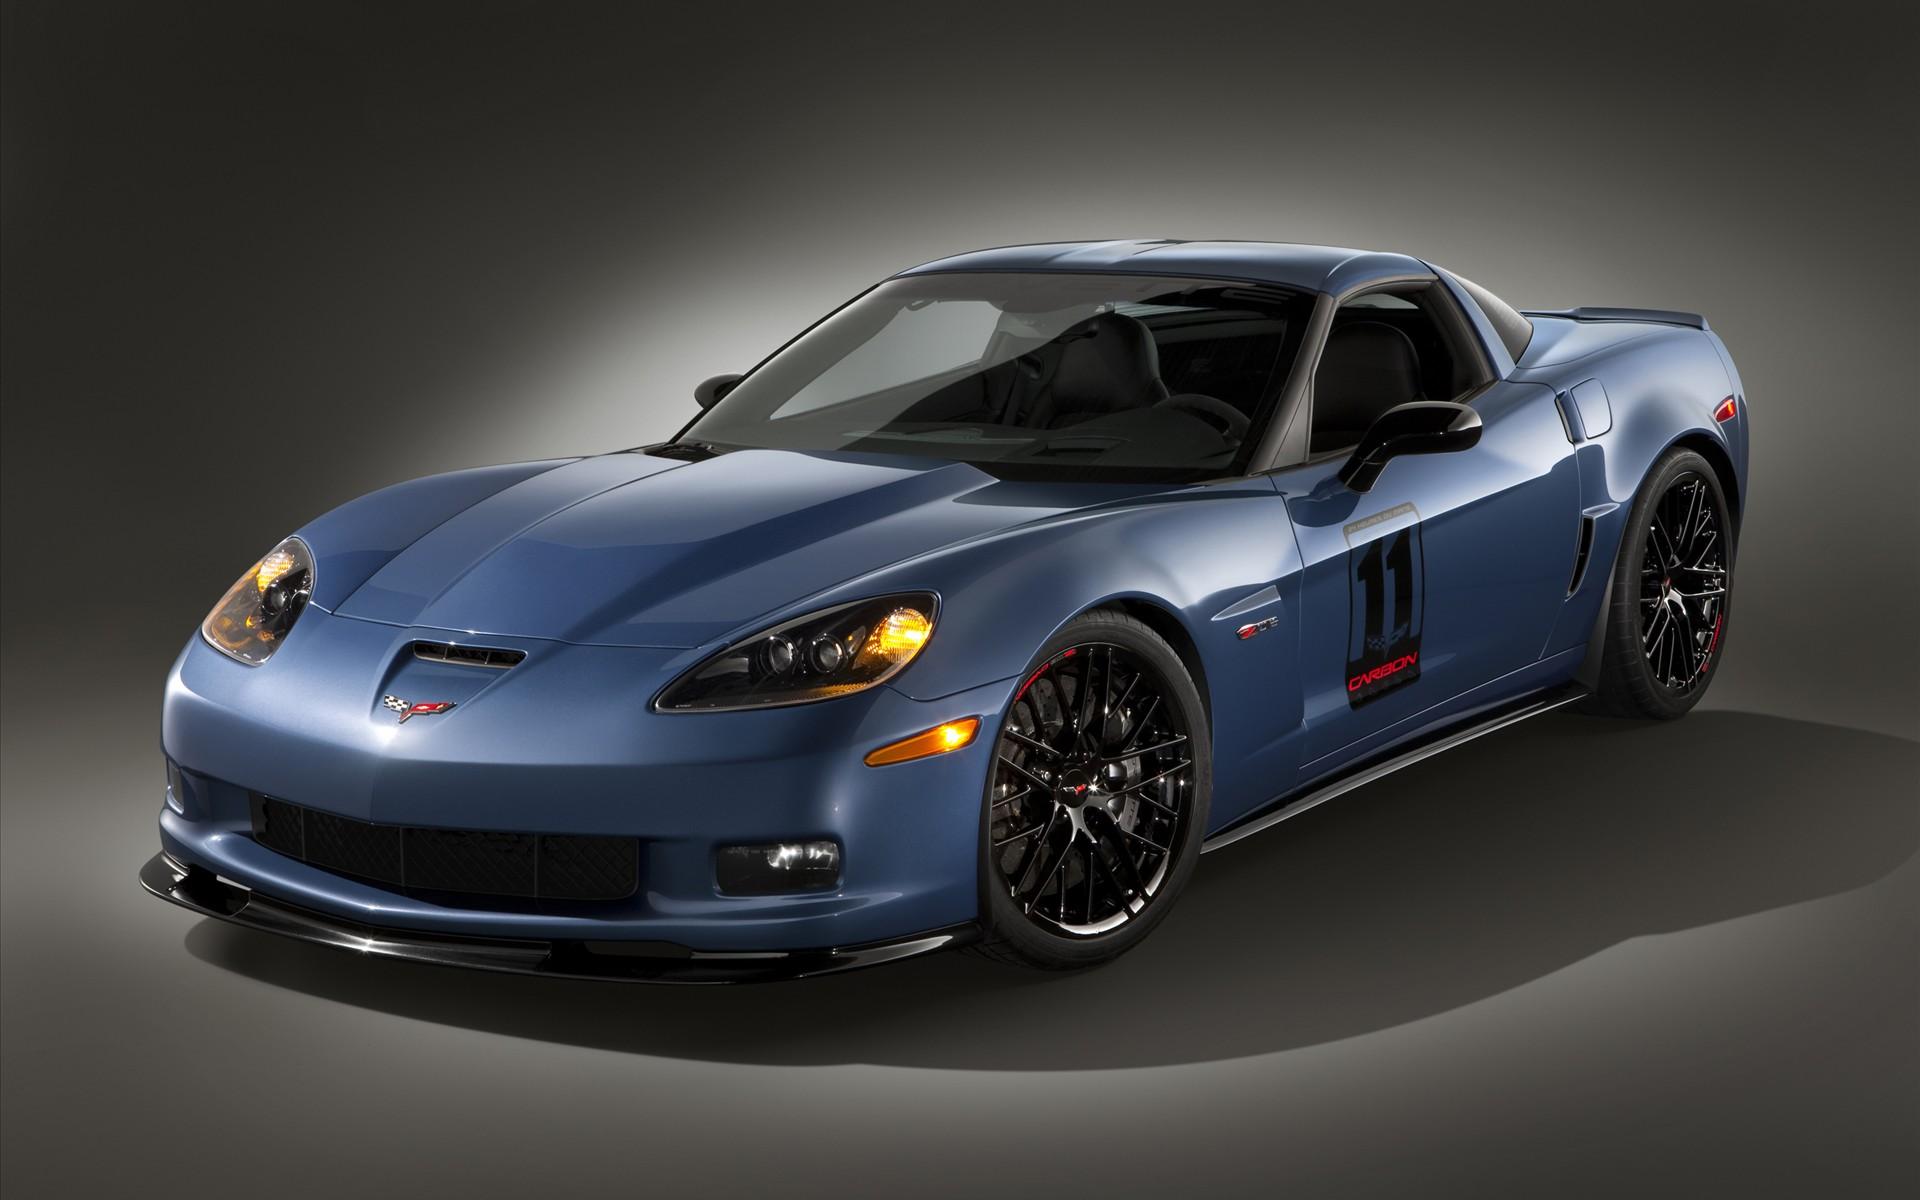 2011 corvette z06 carbon wide corvette hd desktop wallpapers